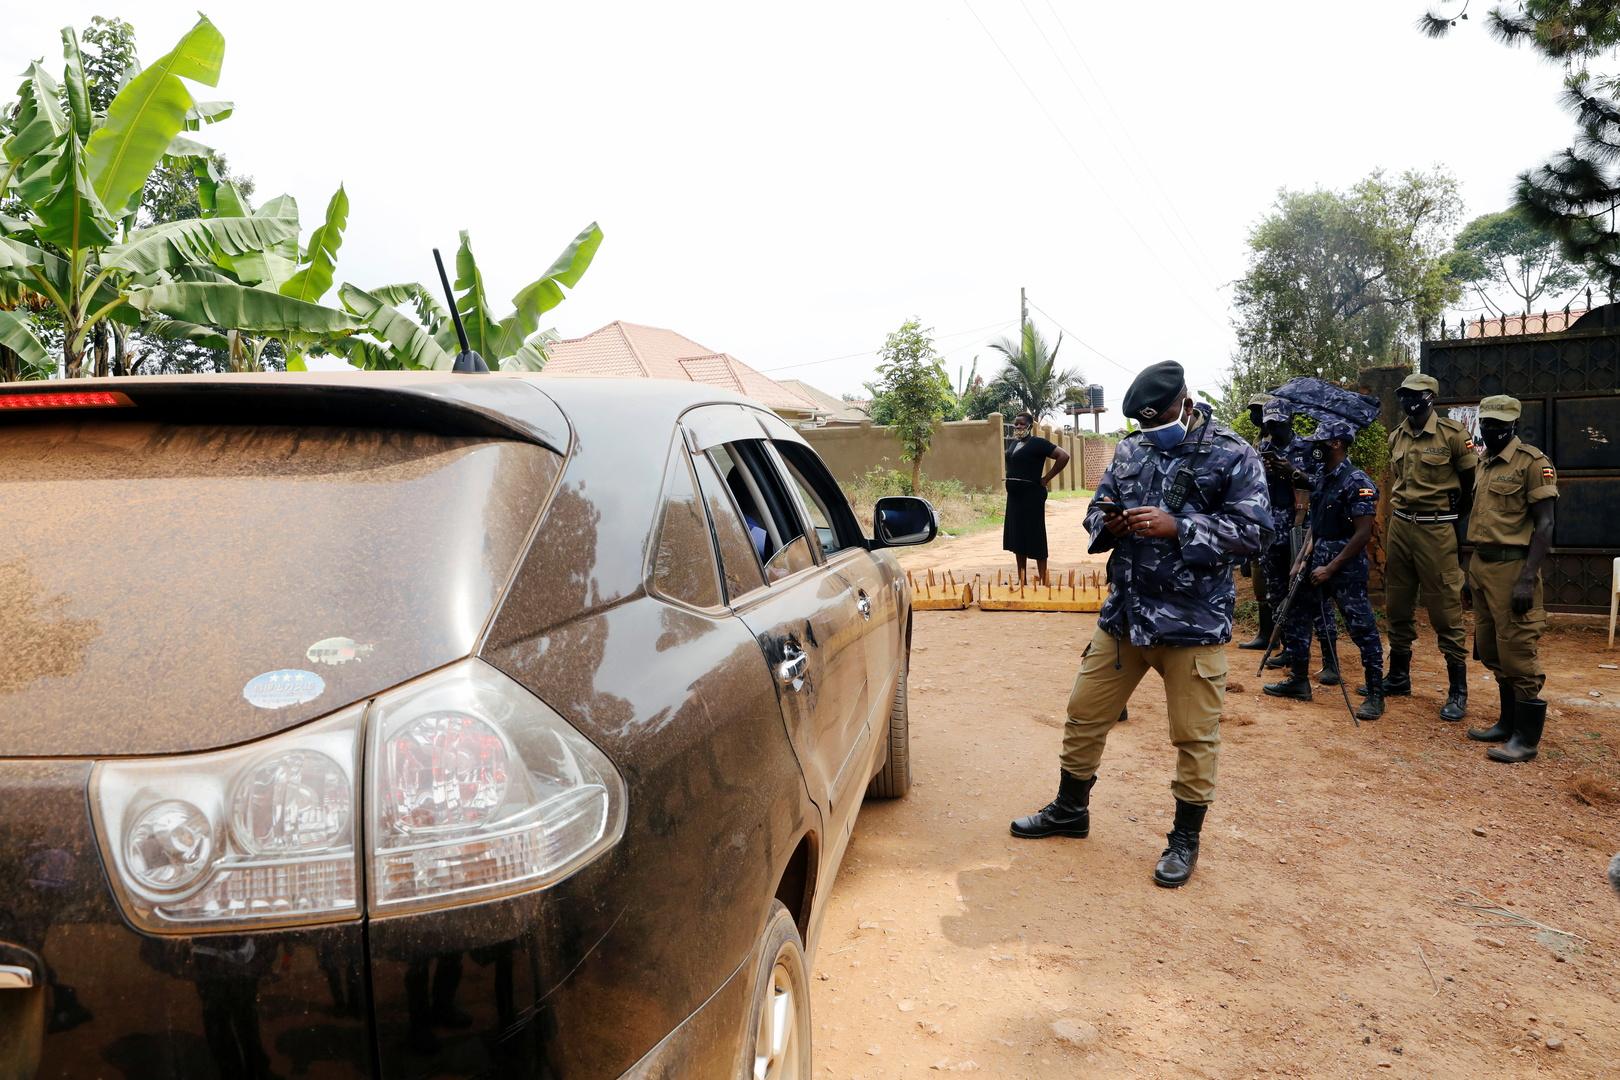 القوات الأوغندية أمام مقر إقامة واين في كمبالا